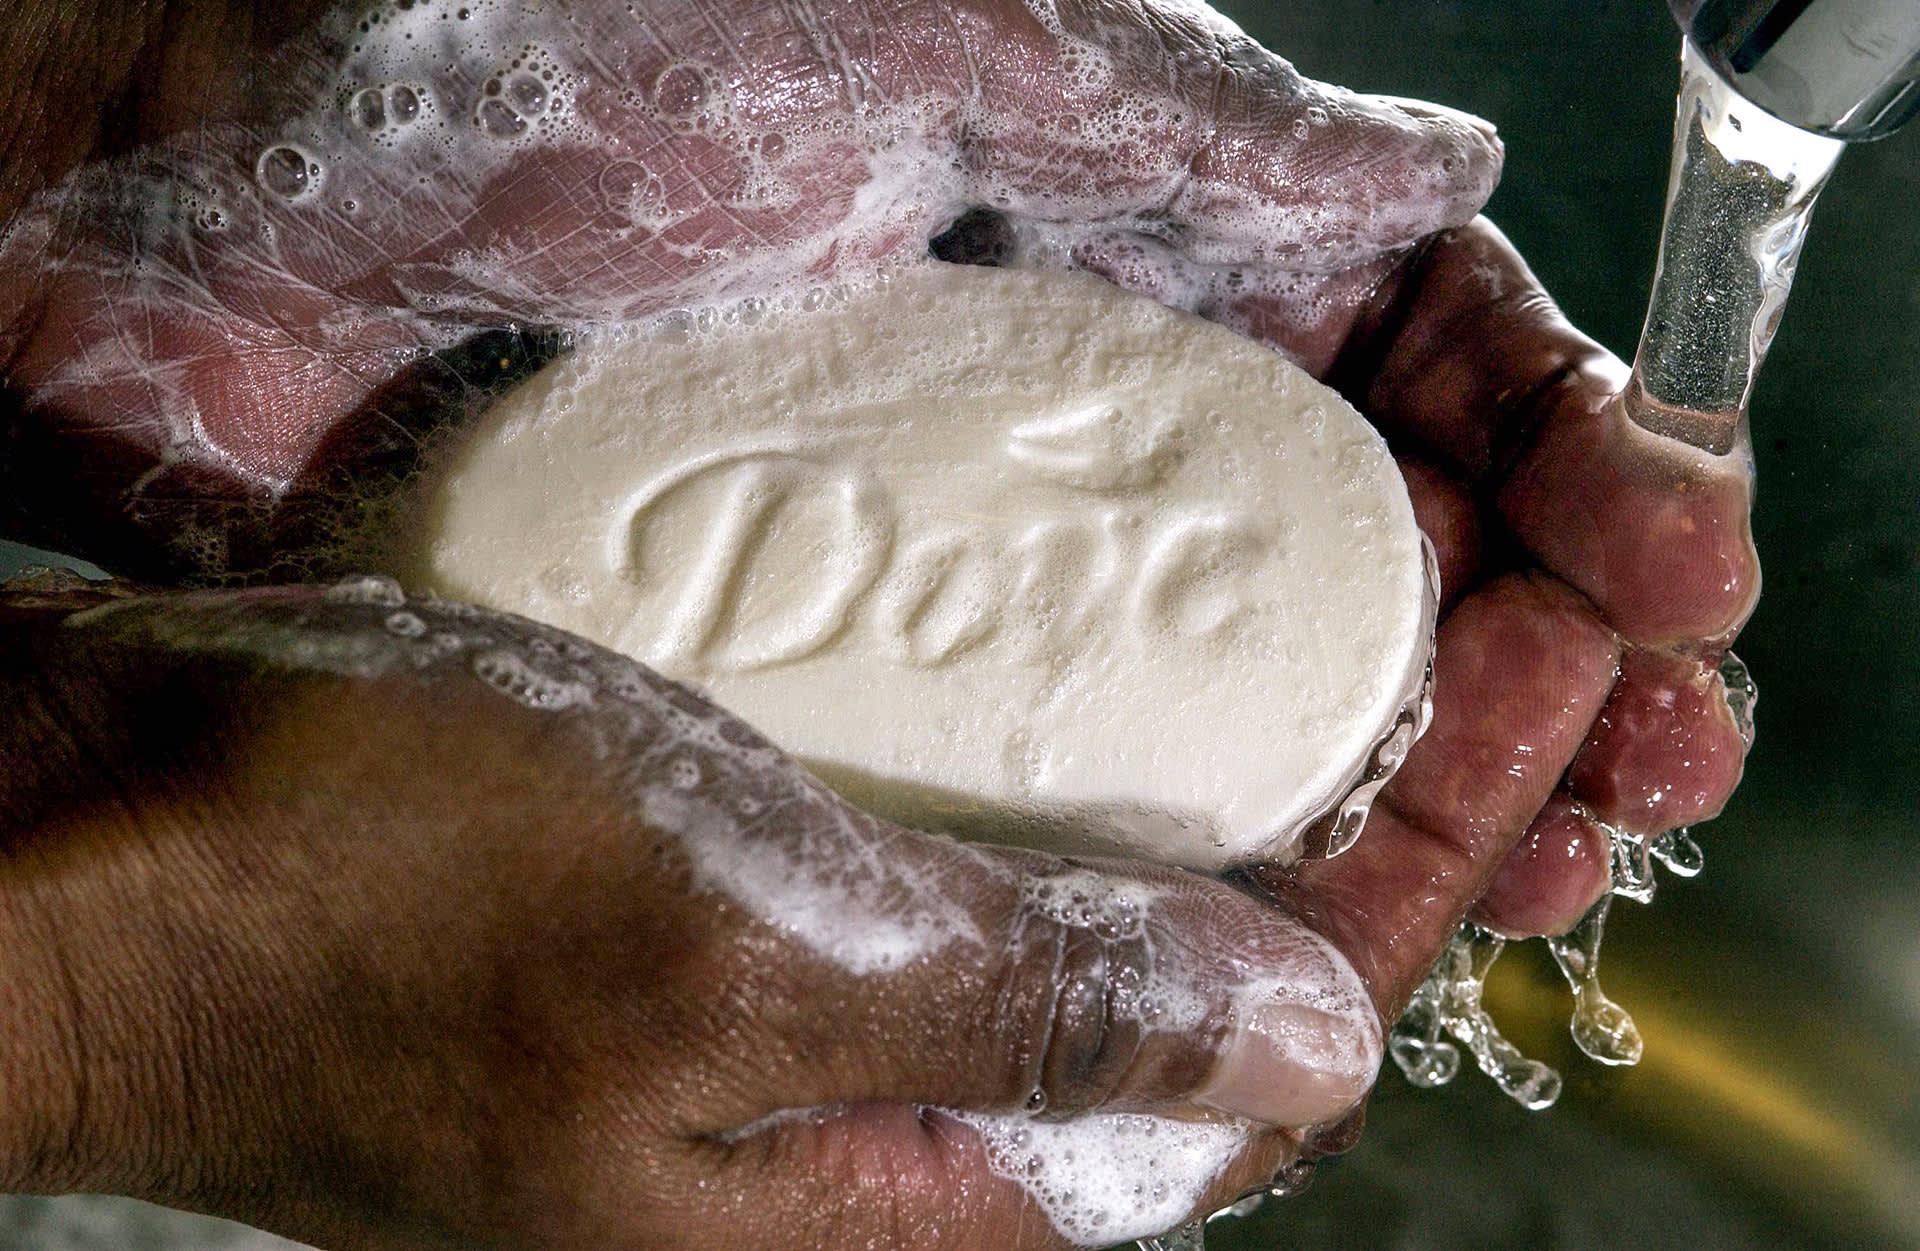 saippuaa vaahdotetaan käsissä